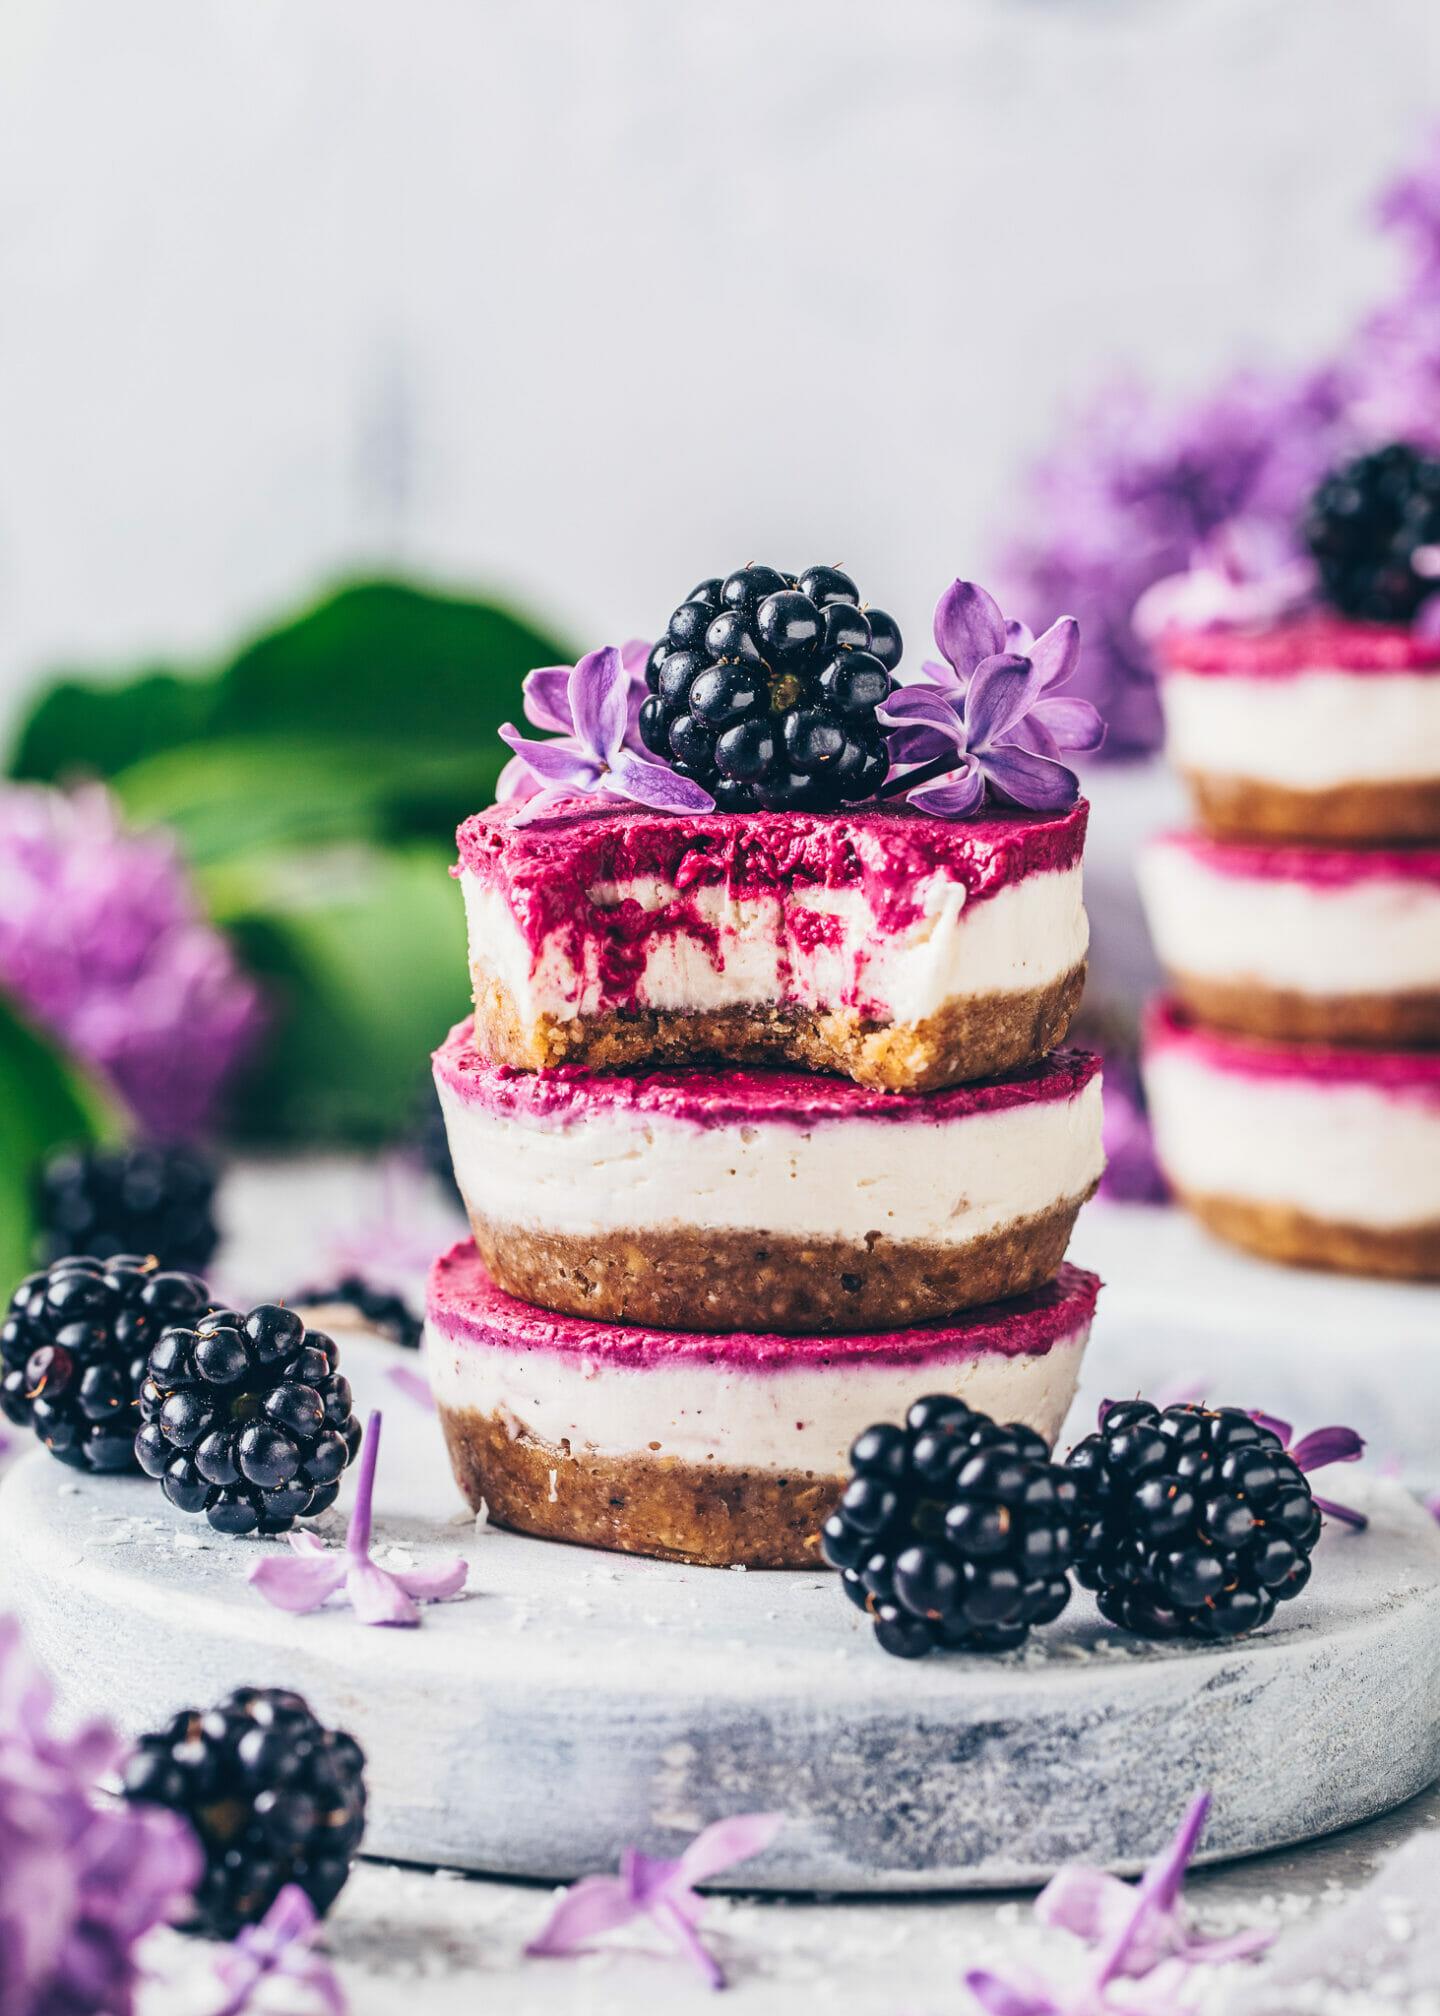 Brombeer Käsekuchen Cupcakes (Cheesecake Muffins)